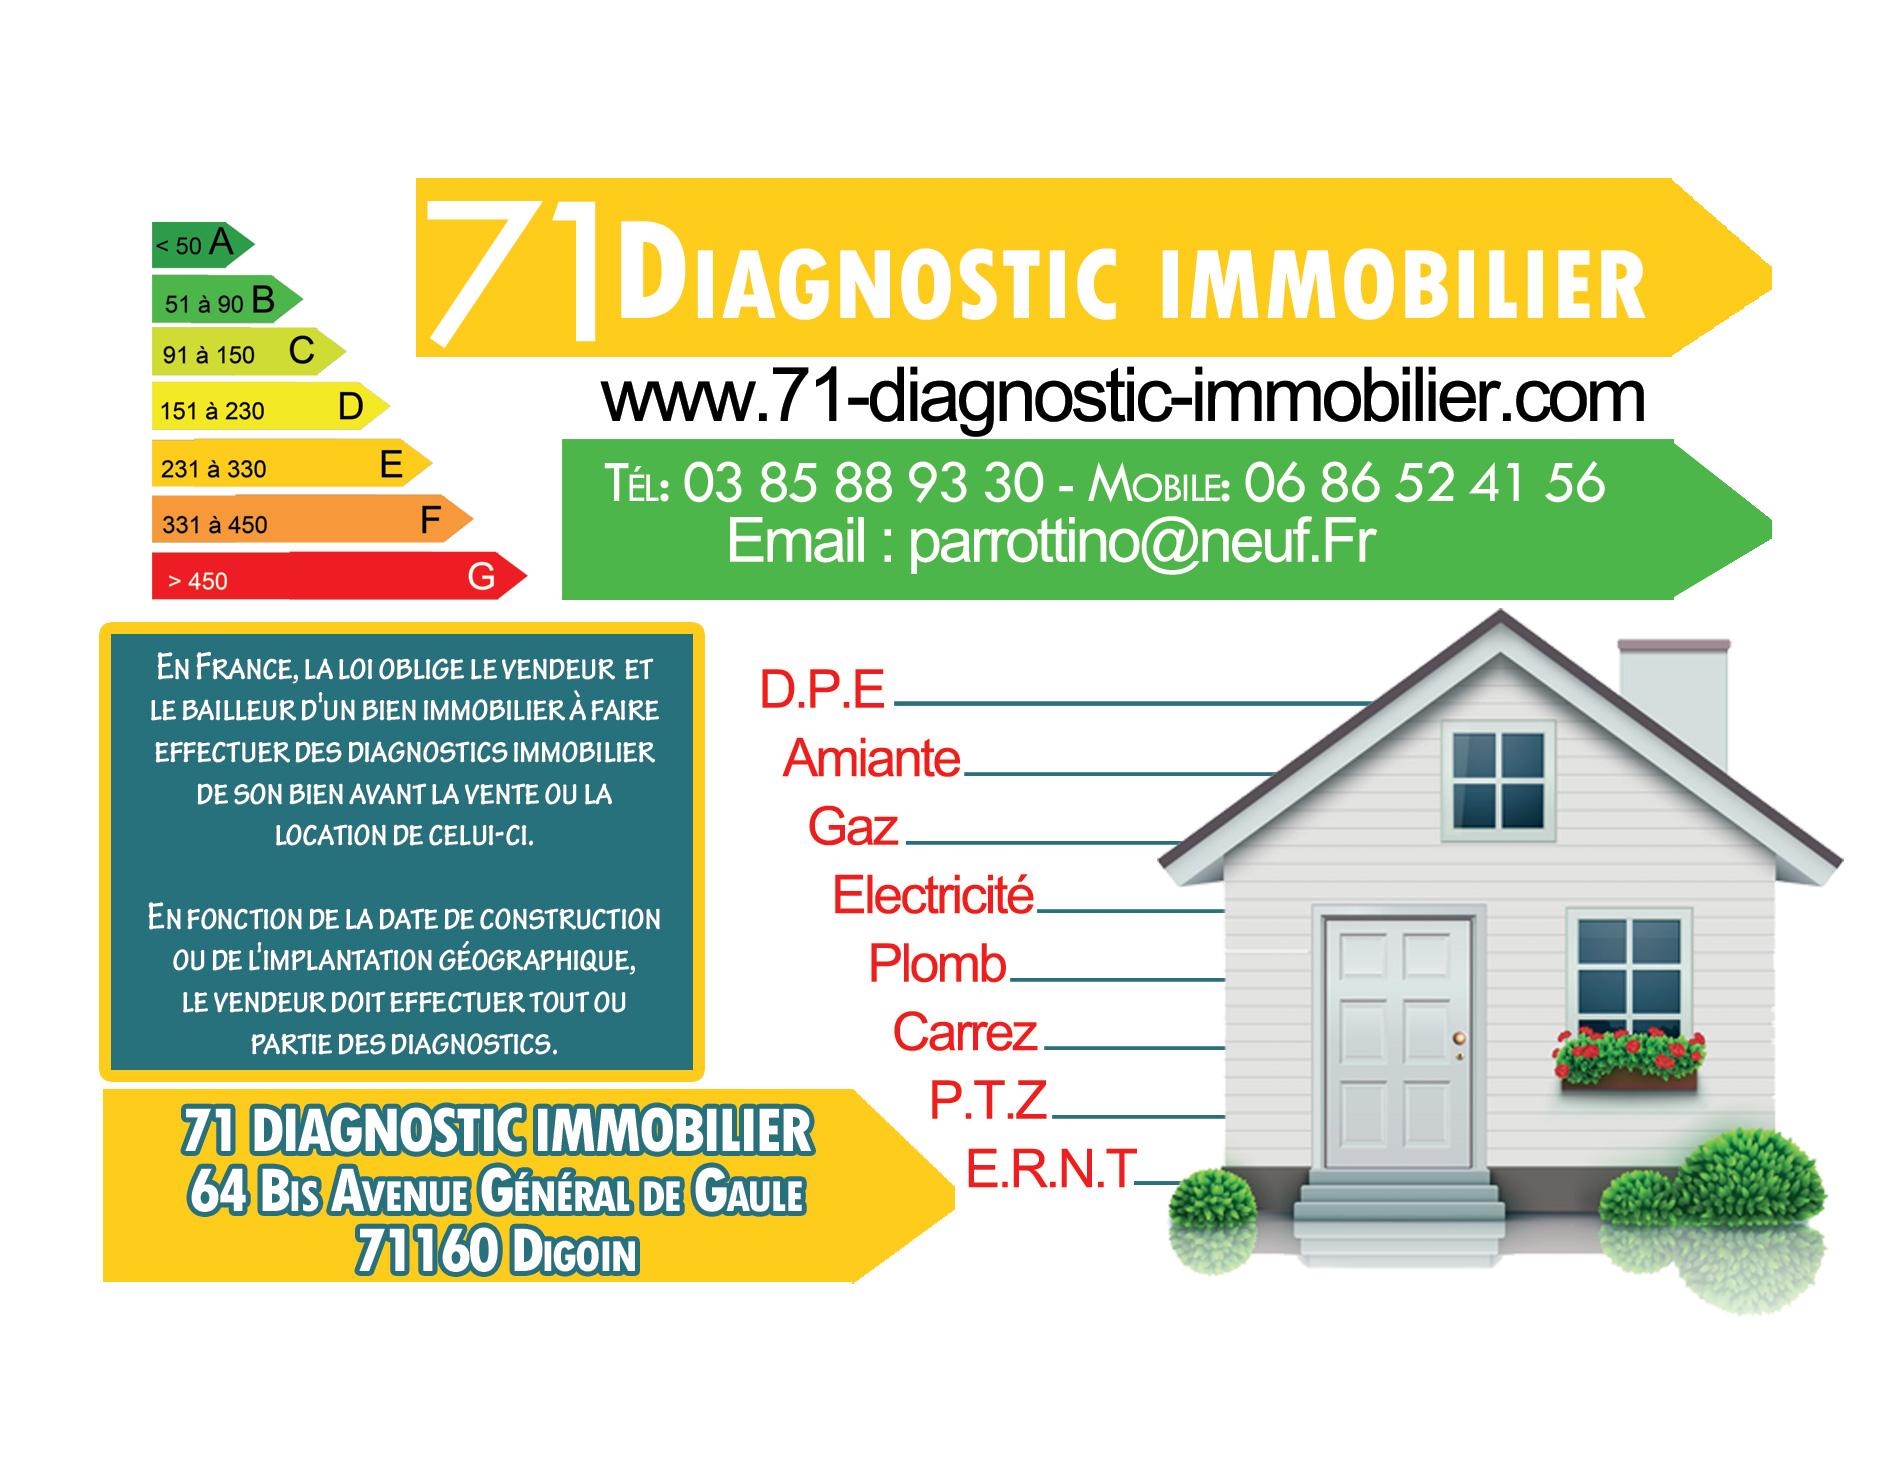 diagnostic immobilier 71